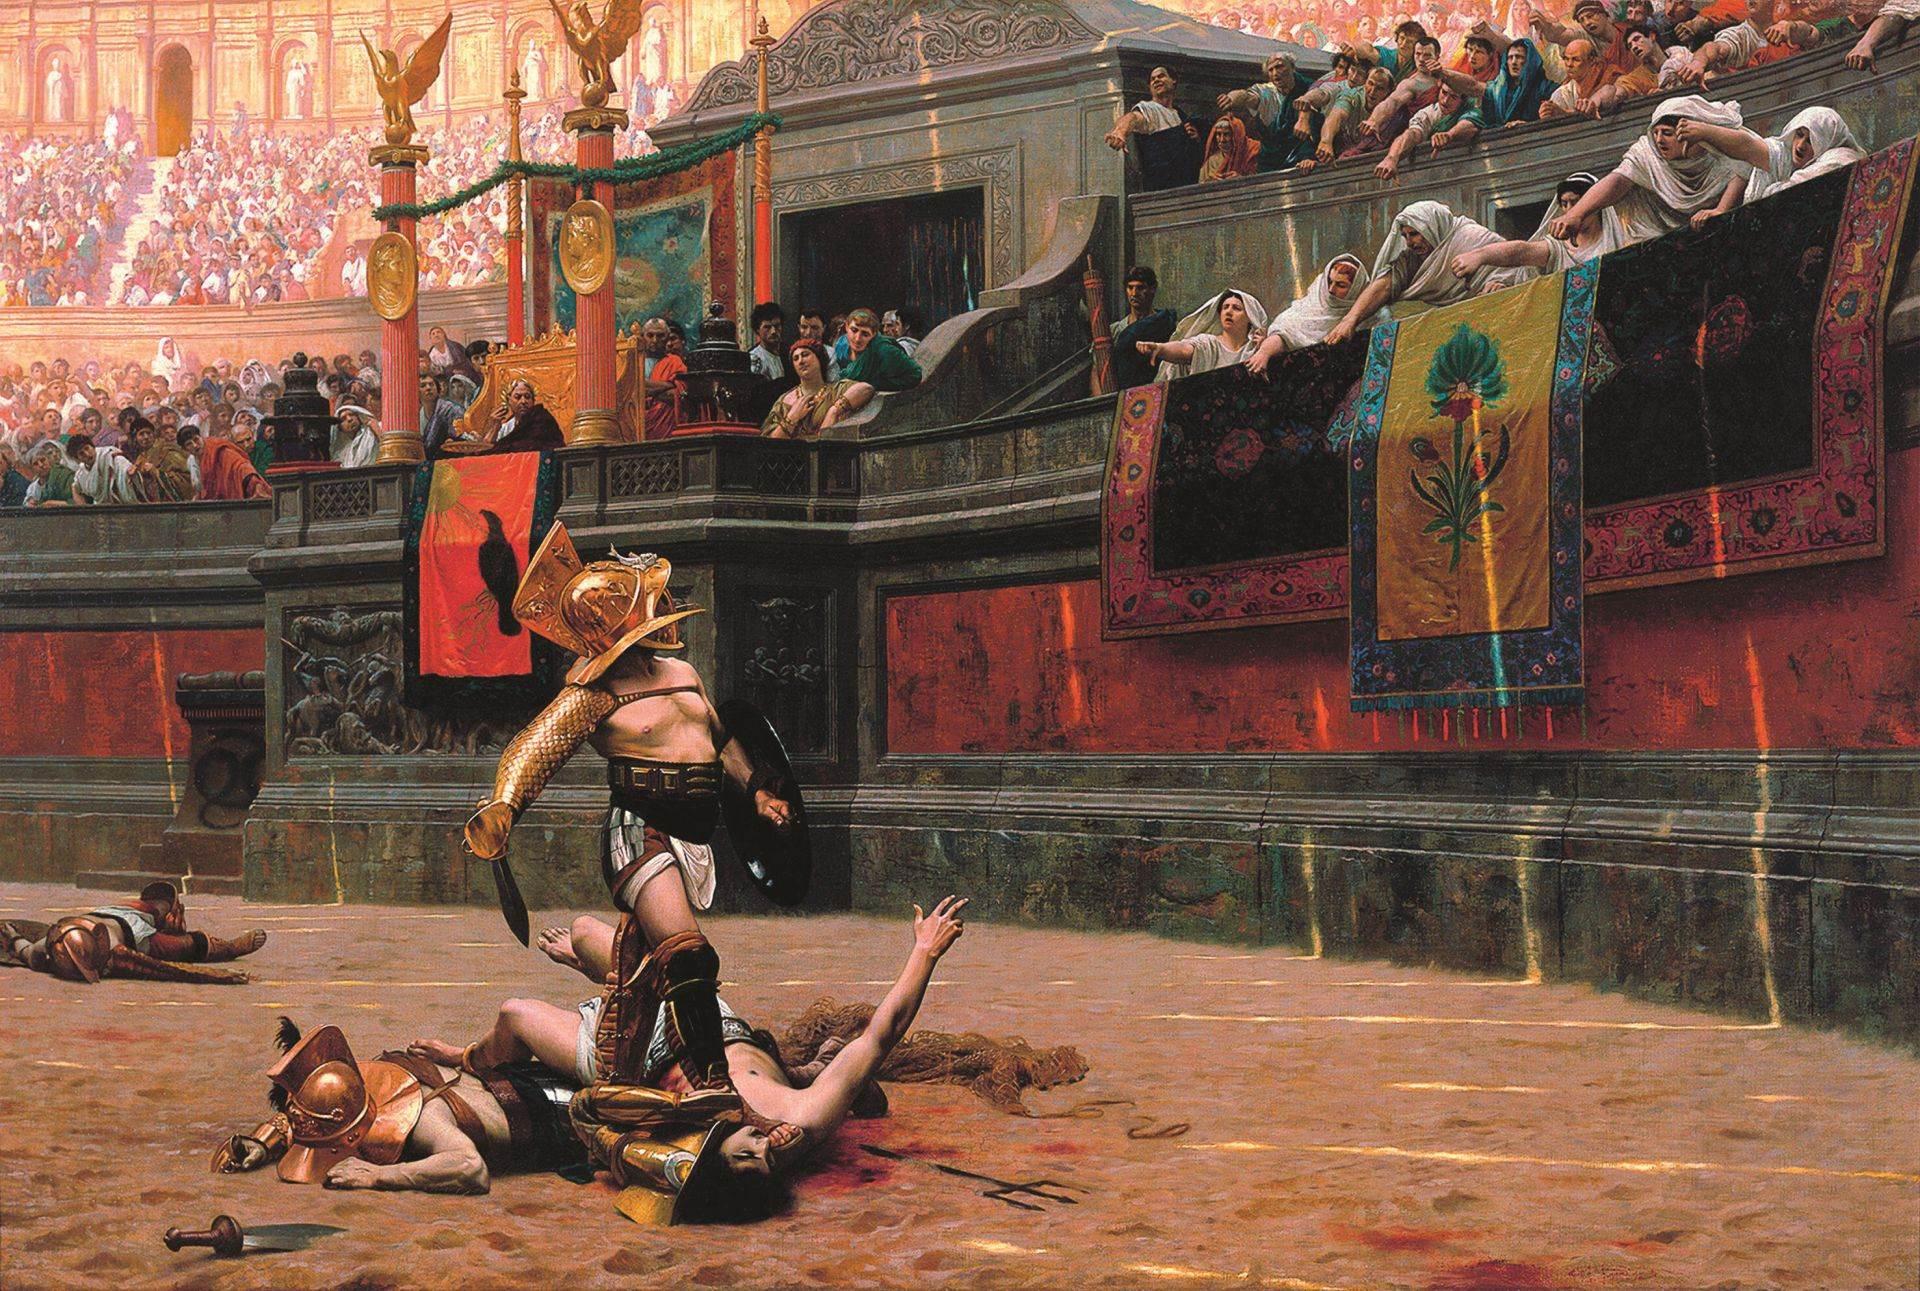 Stručnjaci raspravljaju da li je - palac dole - pokret koji od pobednika traži da dokrajči protivnika, kao što je prikazano na slici.